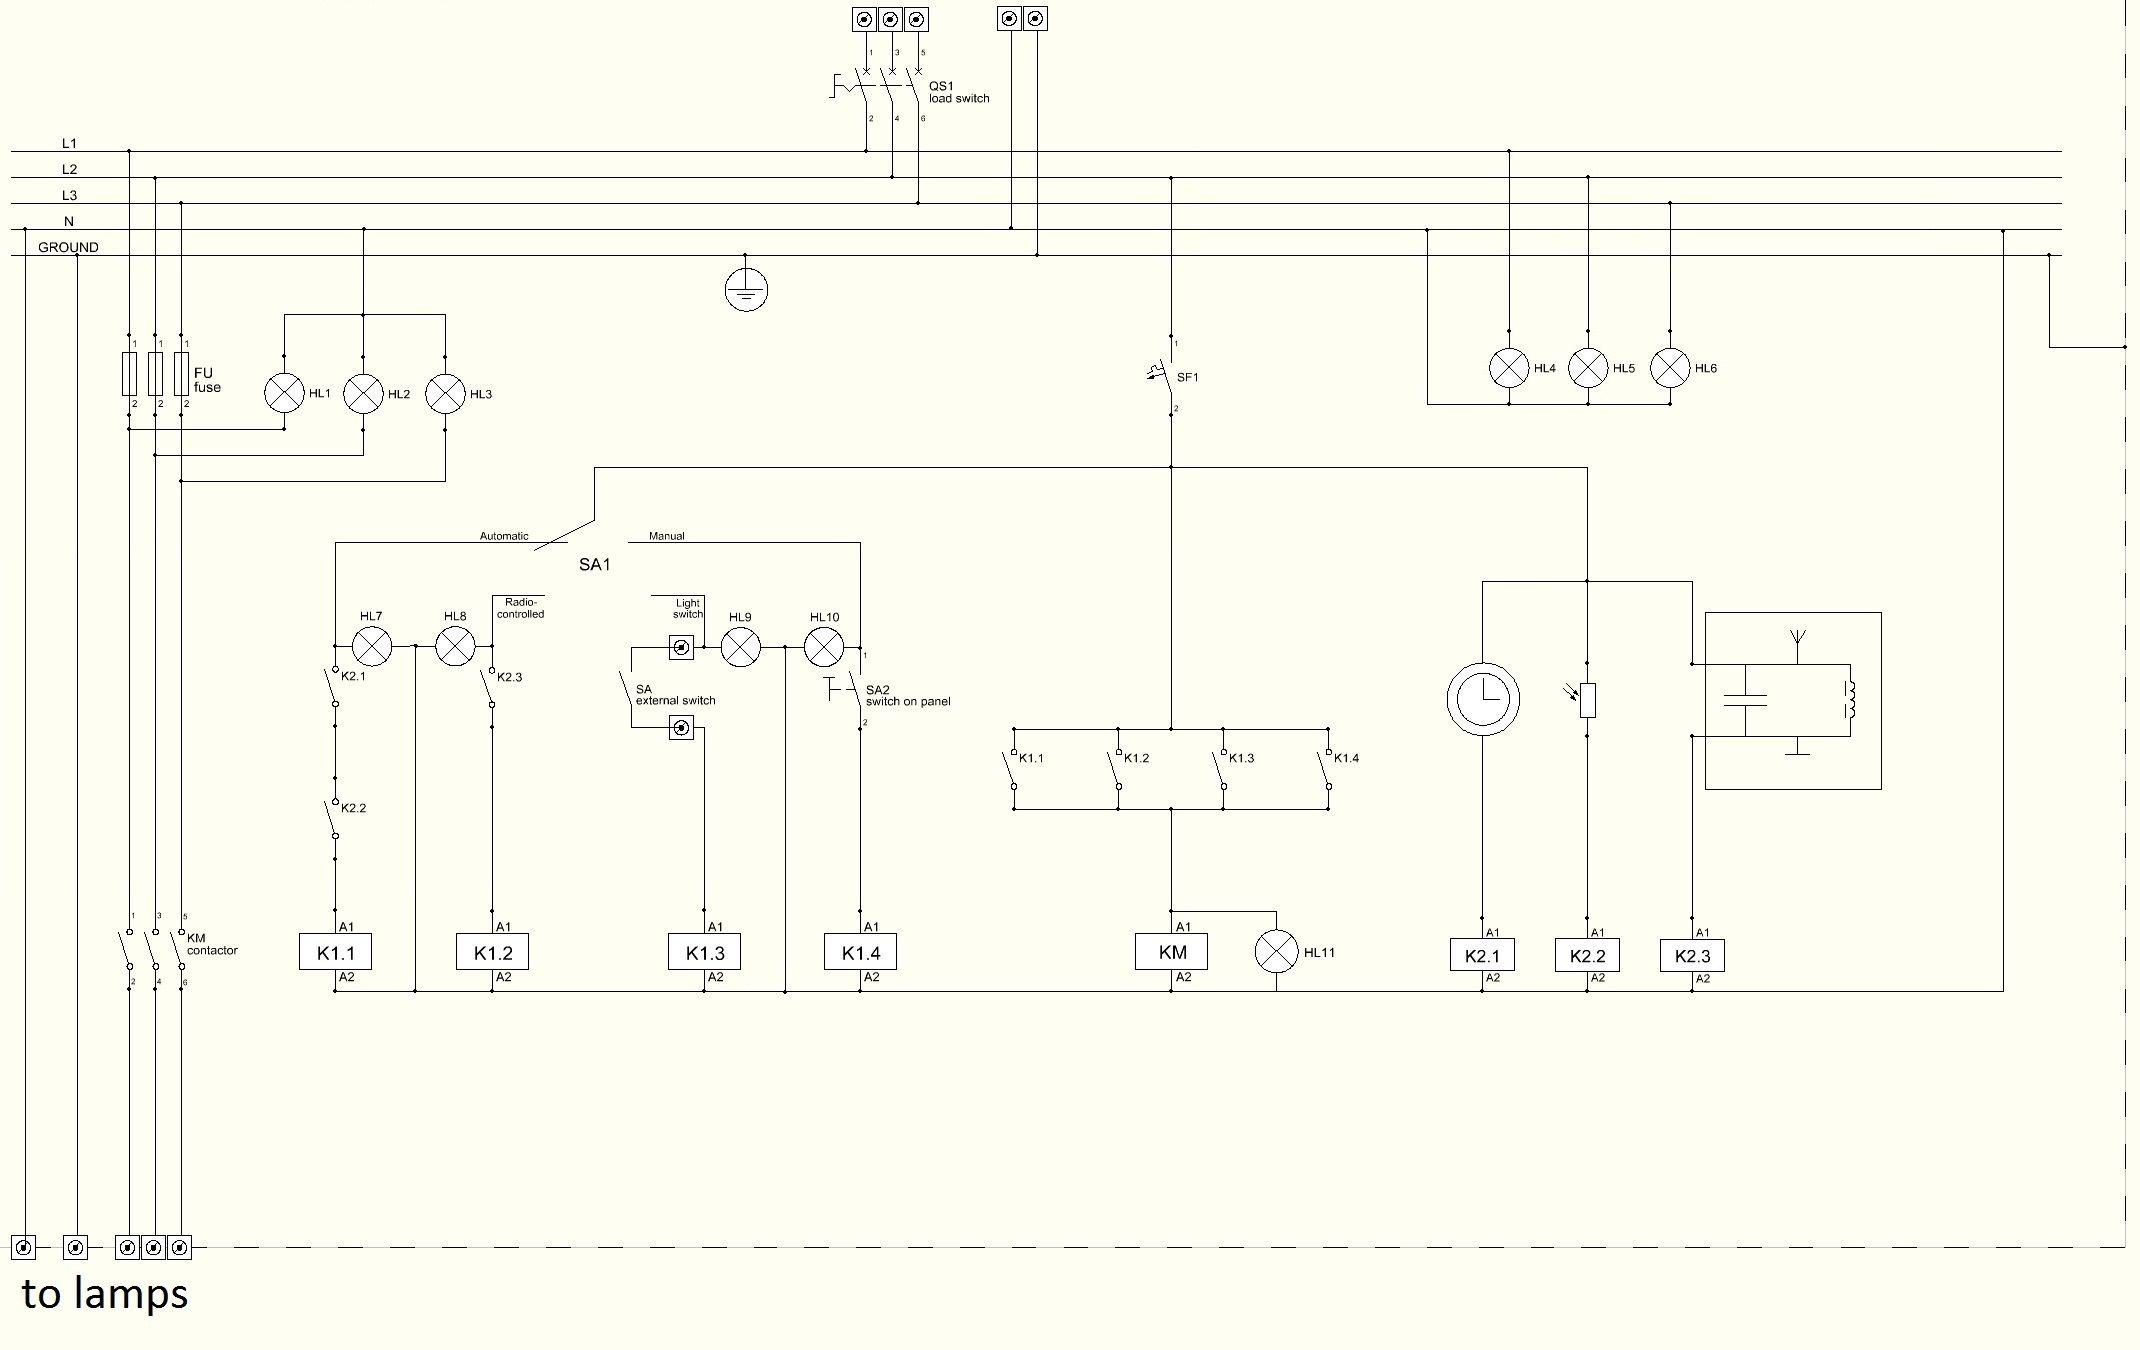 Plc Panel Wiring Diagram Bookingritzcarlton Info Electrical Wiring Diagram Circuit Diagram Electrical Circuit Diagram